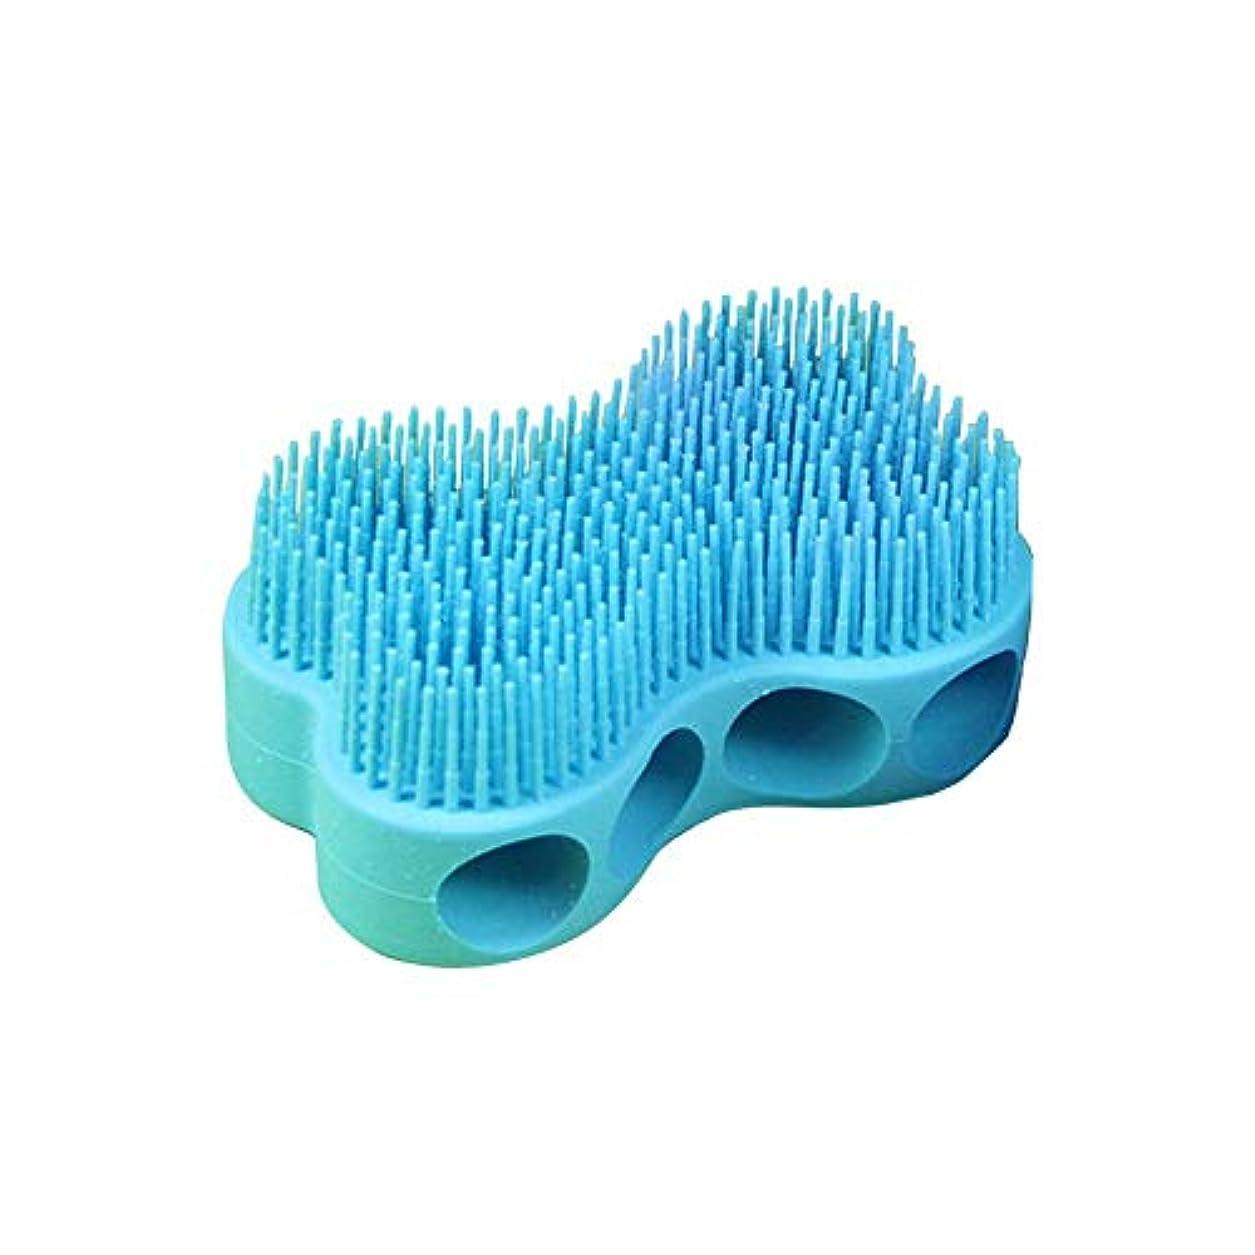 人工的な単なる地上のボディブラシ マッサージブラシ シリコーン製 柔らかい 快適 角質除去 全身マッサージ 血行促進 疲れ解消 ブルー junexi